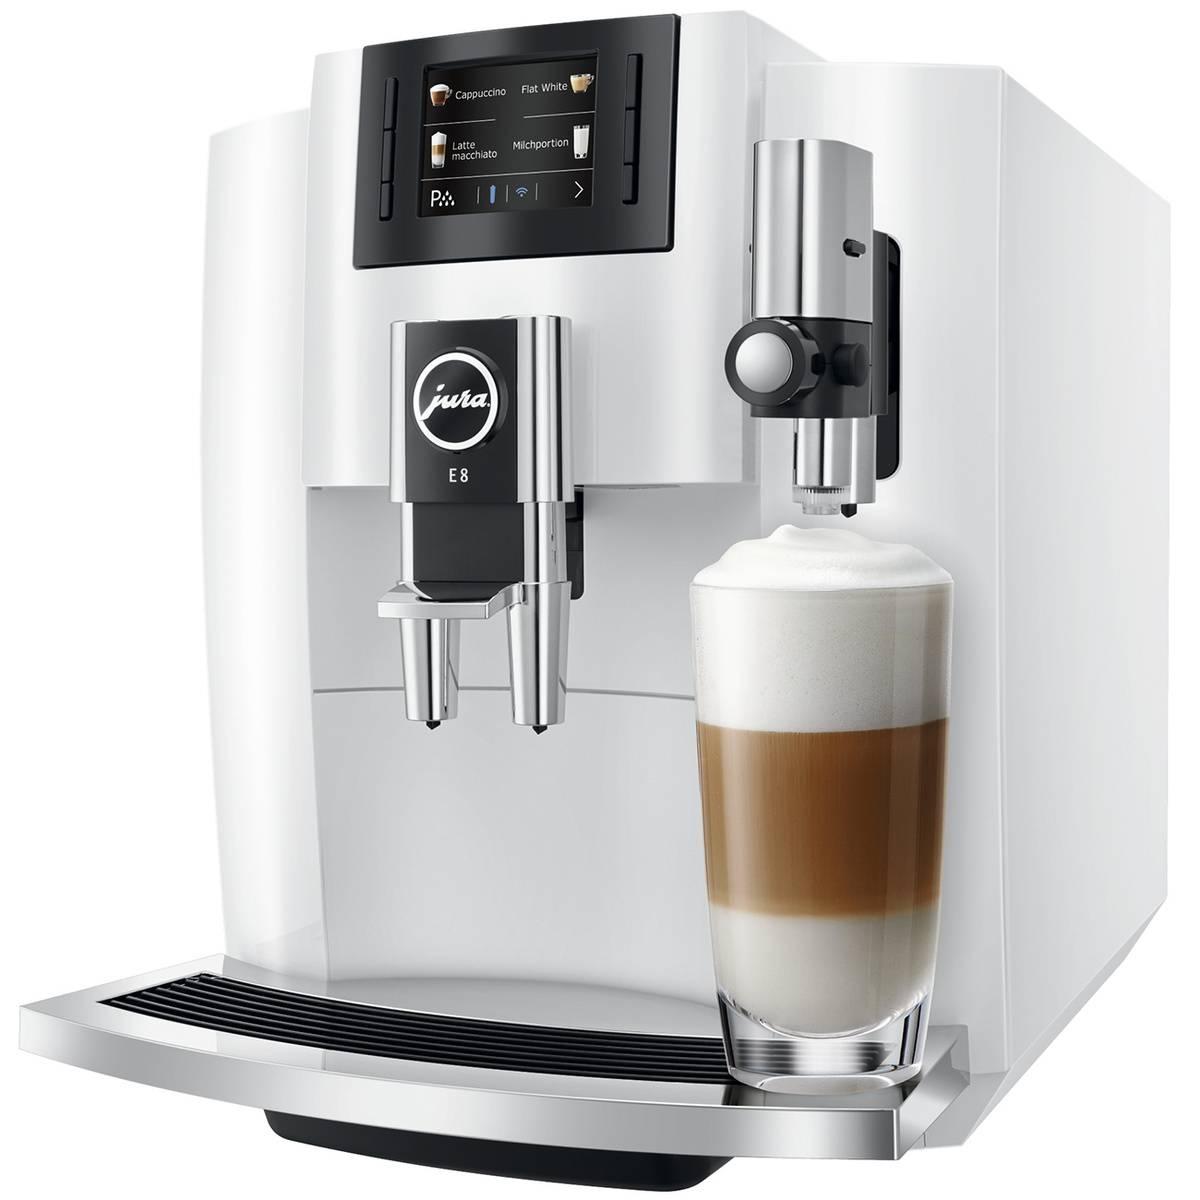 Лучшие рожковые кофеварки для дома рейтинг 2019-2020: топ 10 и их особенности, плюсы и минусы